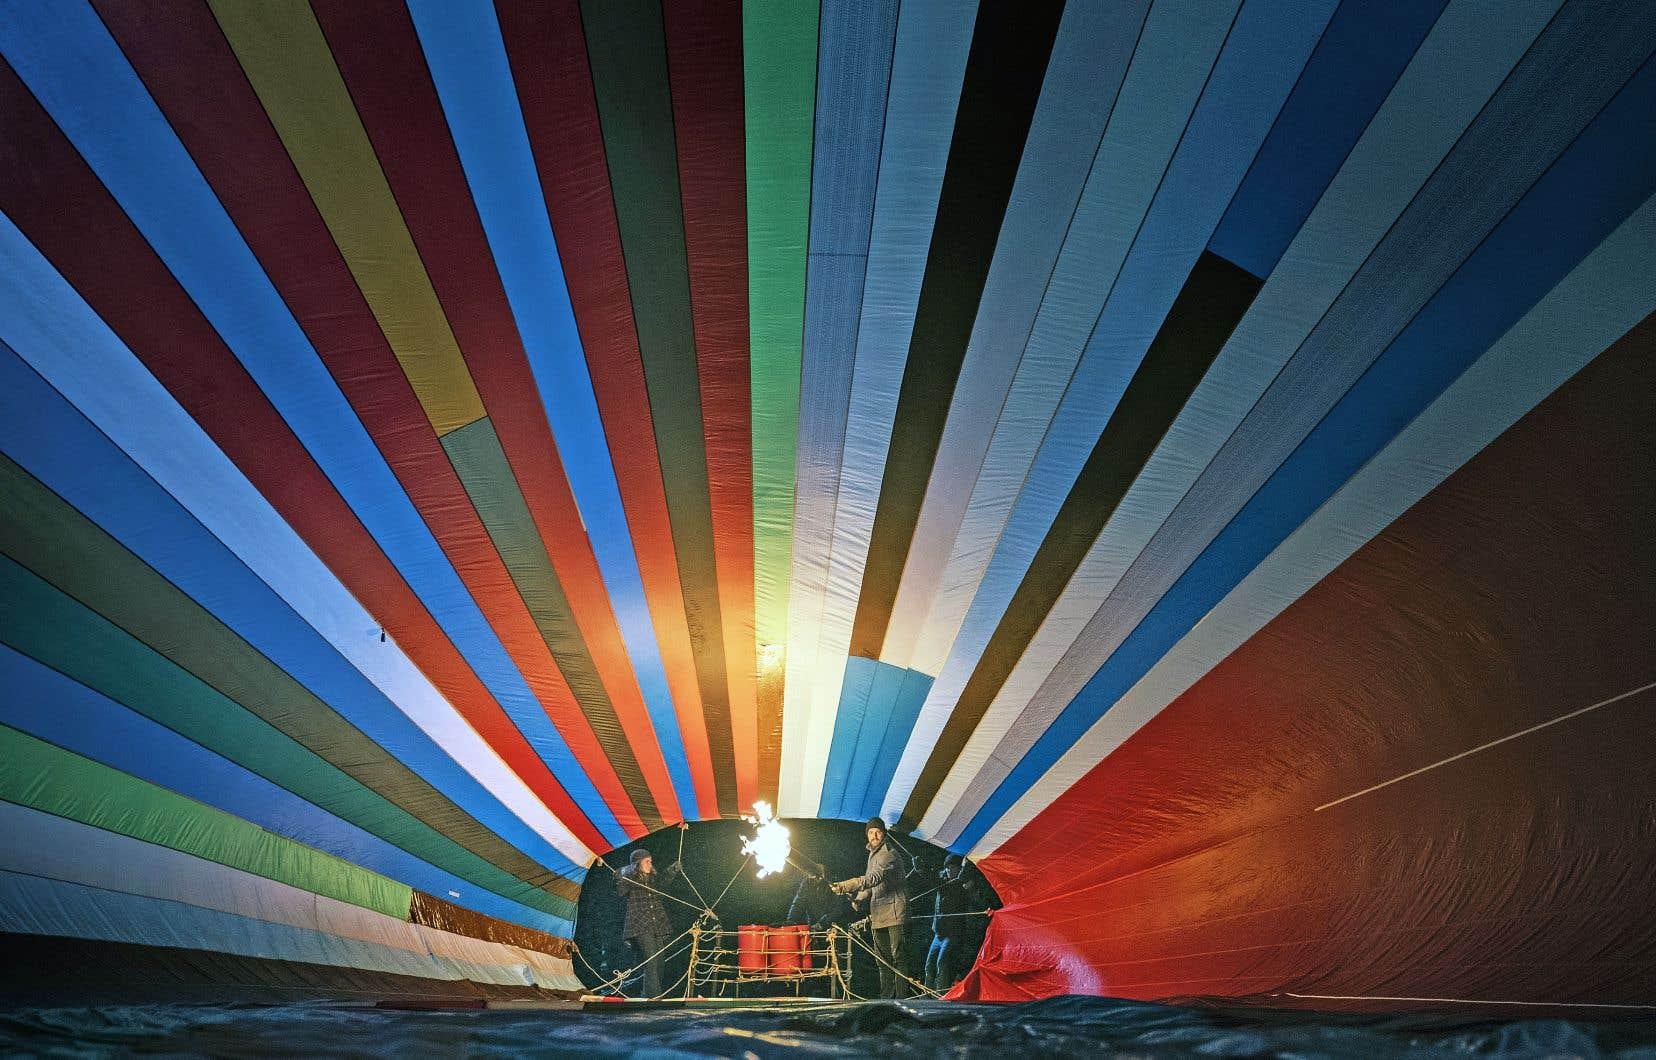 C'est en Bavière que rêvaient d'atterrir deux familles est-allemandes, ce qu'elles feront le 16septembre 1976 à bord d'une montgolfière… artisanale.